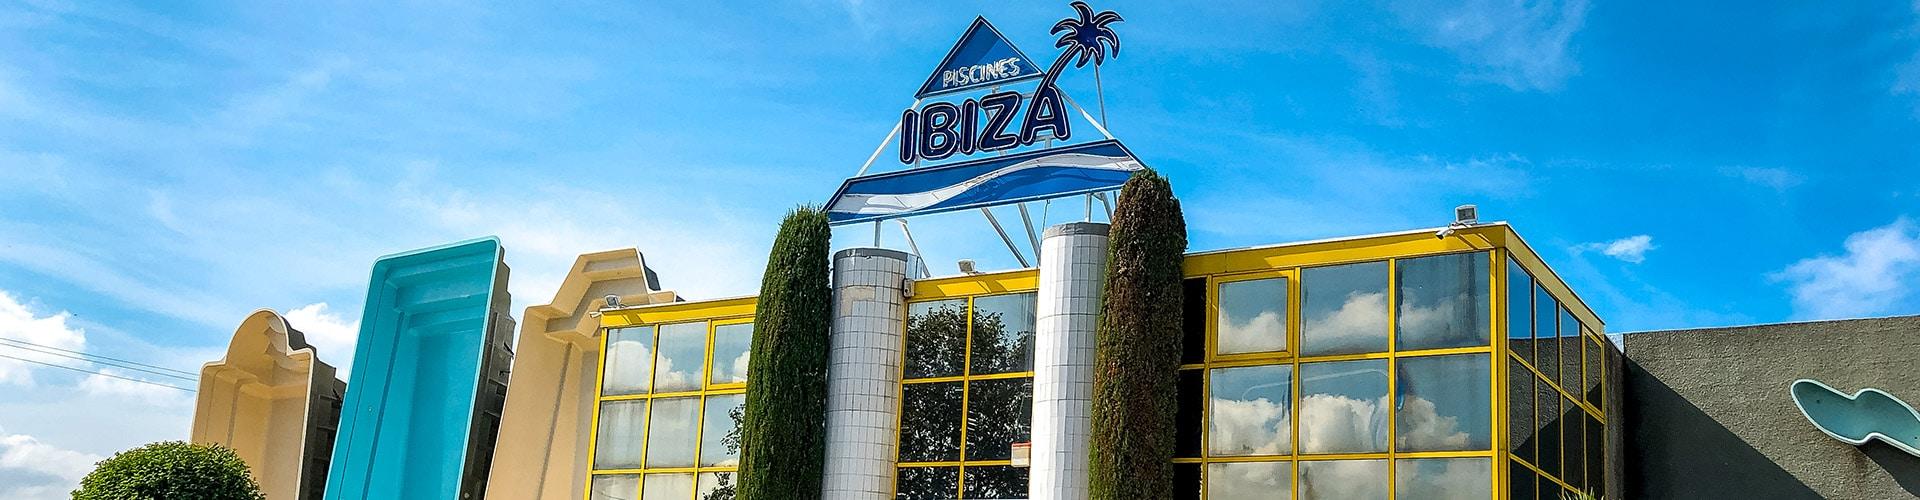 Siège Piscines Ibiza